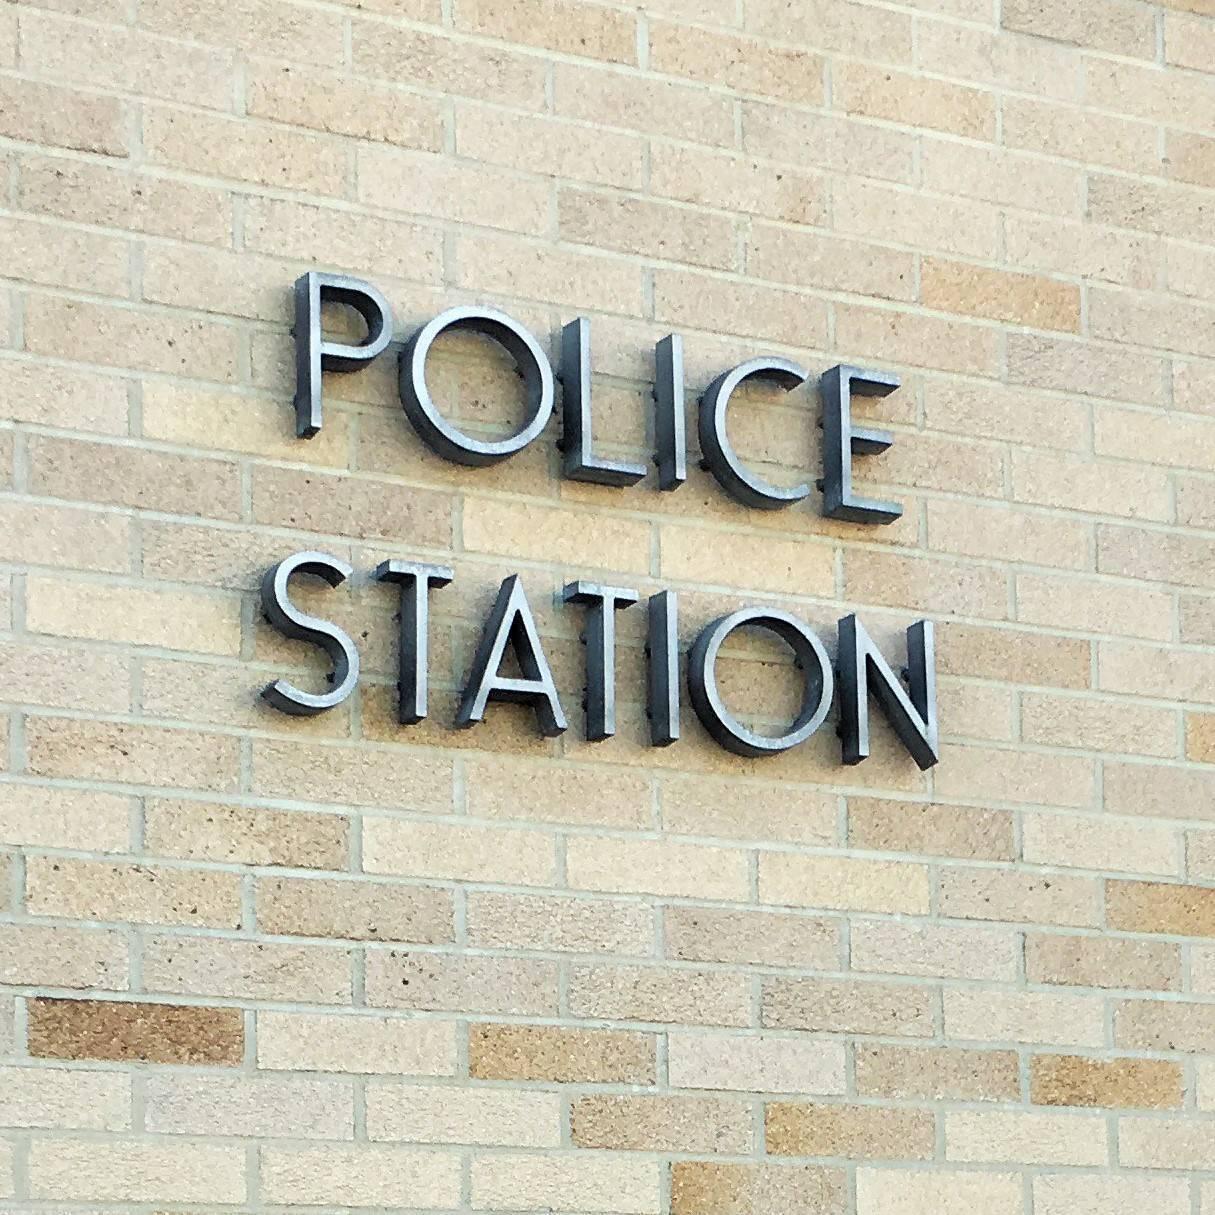 3c876827c937e92c1c63_651250e818e479cc1f07_Police_Station2.jpeg